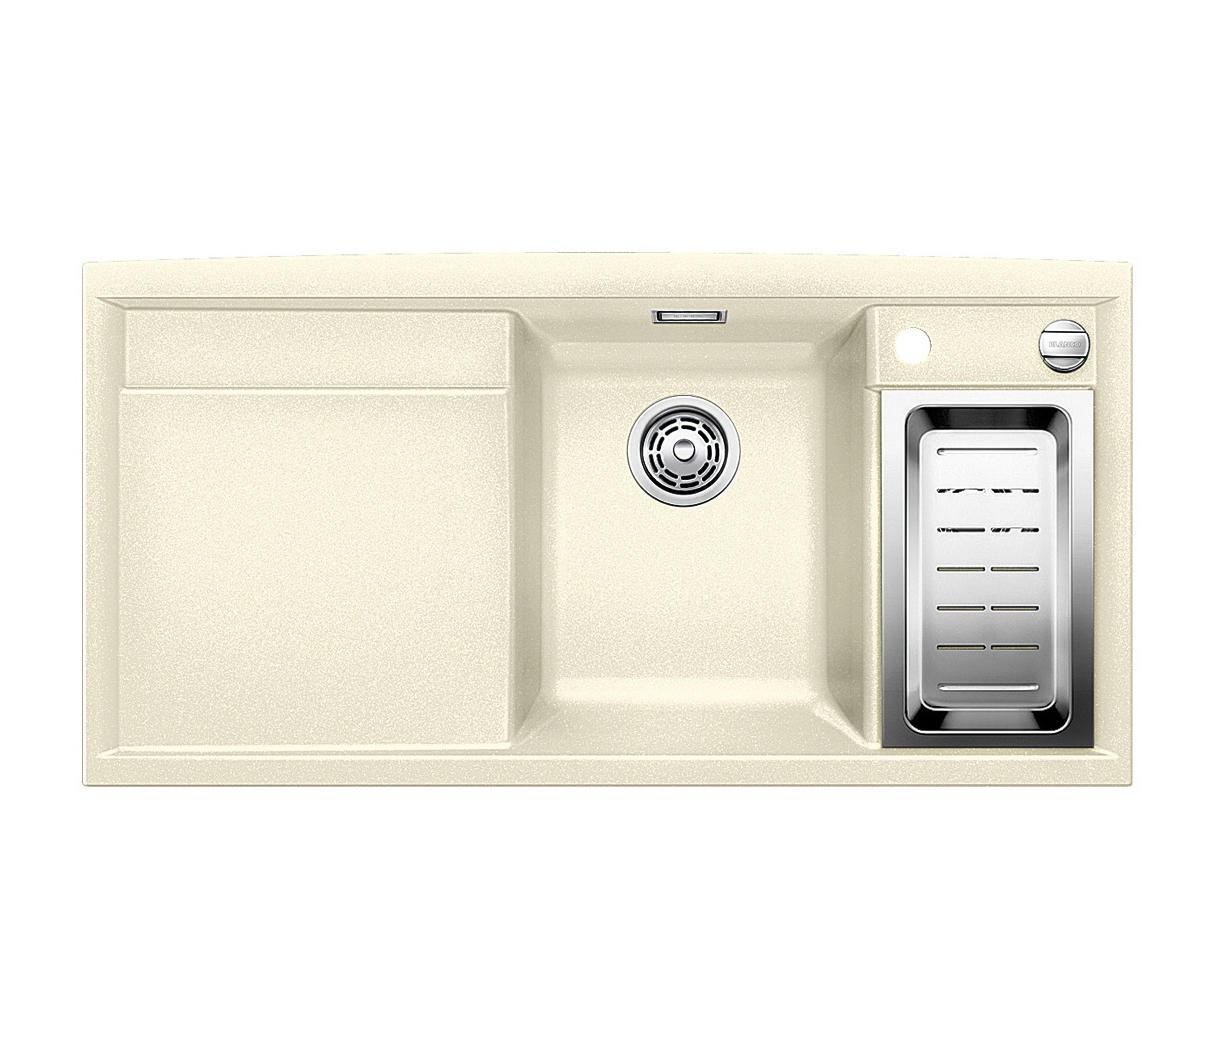 blanco axia ii 6 s silgranit jasmine fregaderos de cocina de blanco architonic. Black Bedroom Furniture Sets. Home Design Ideas